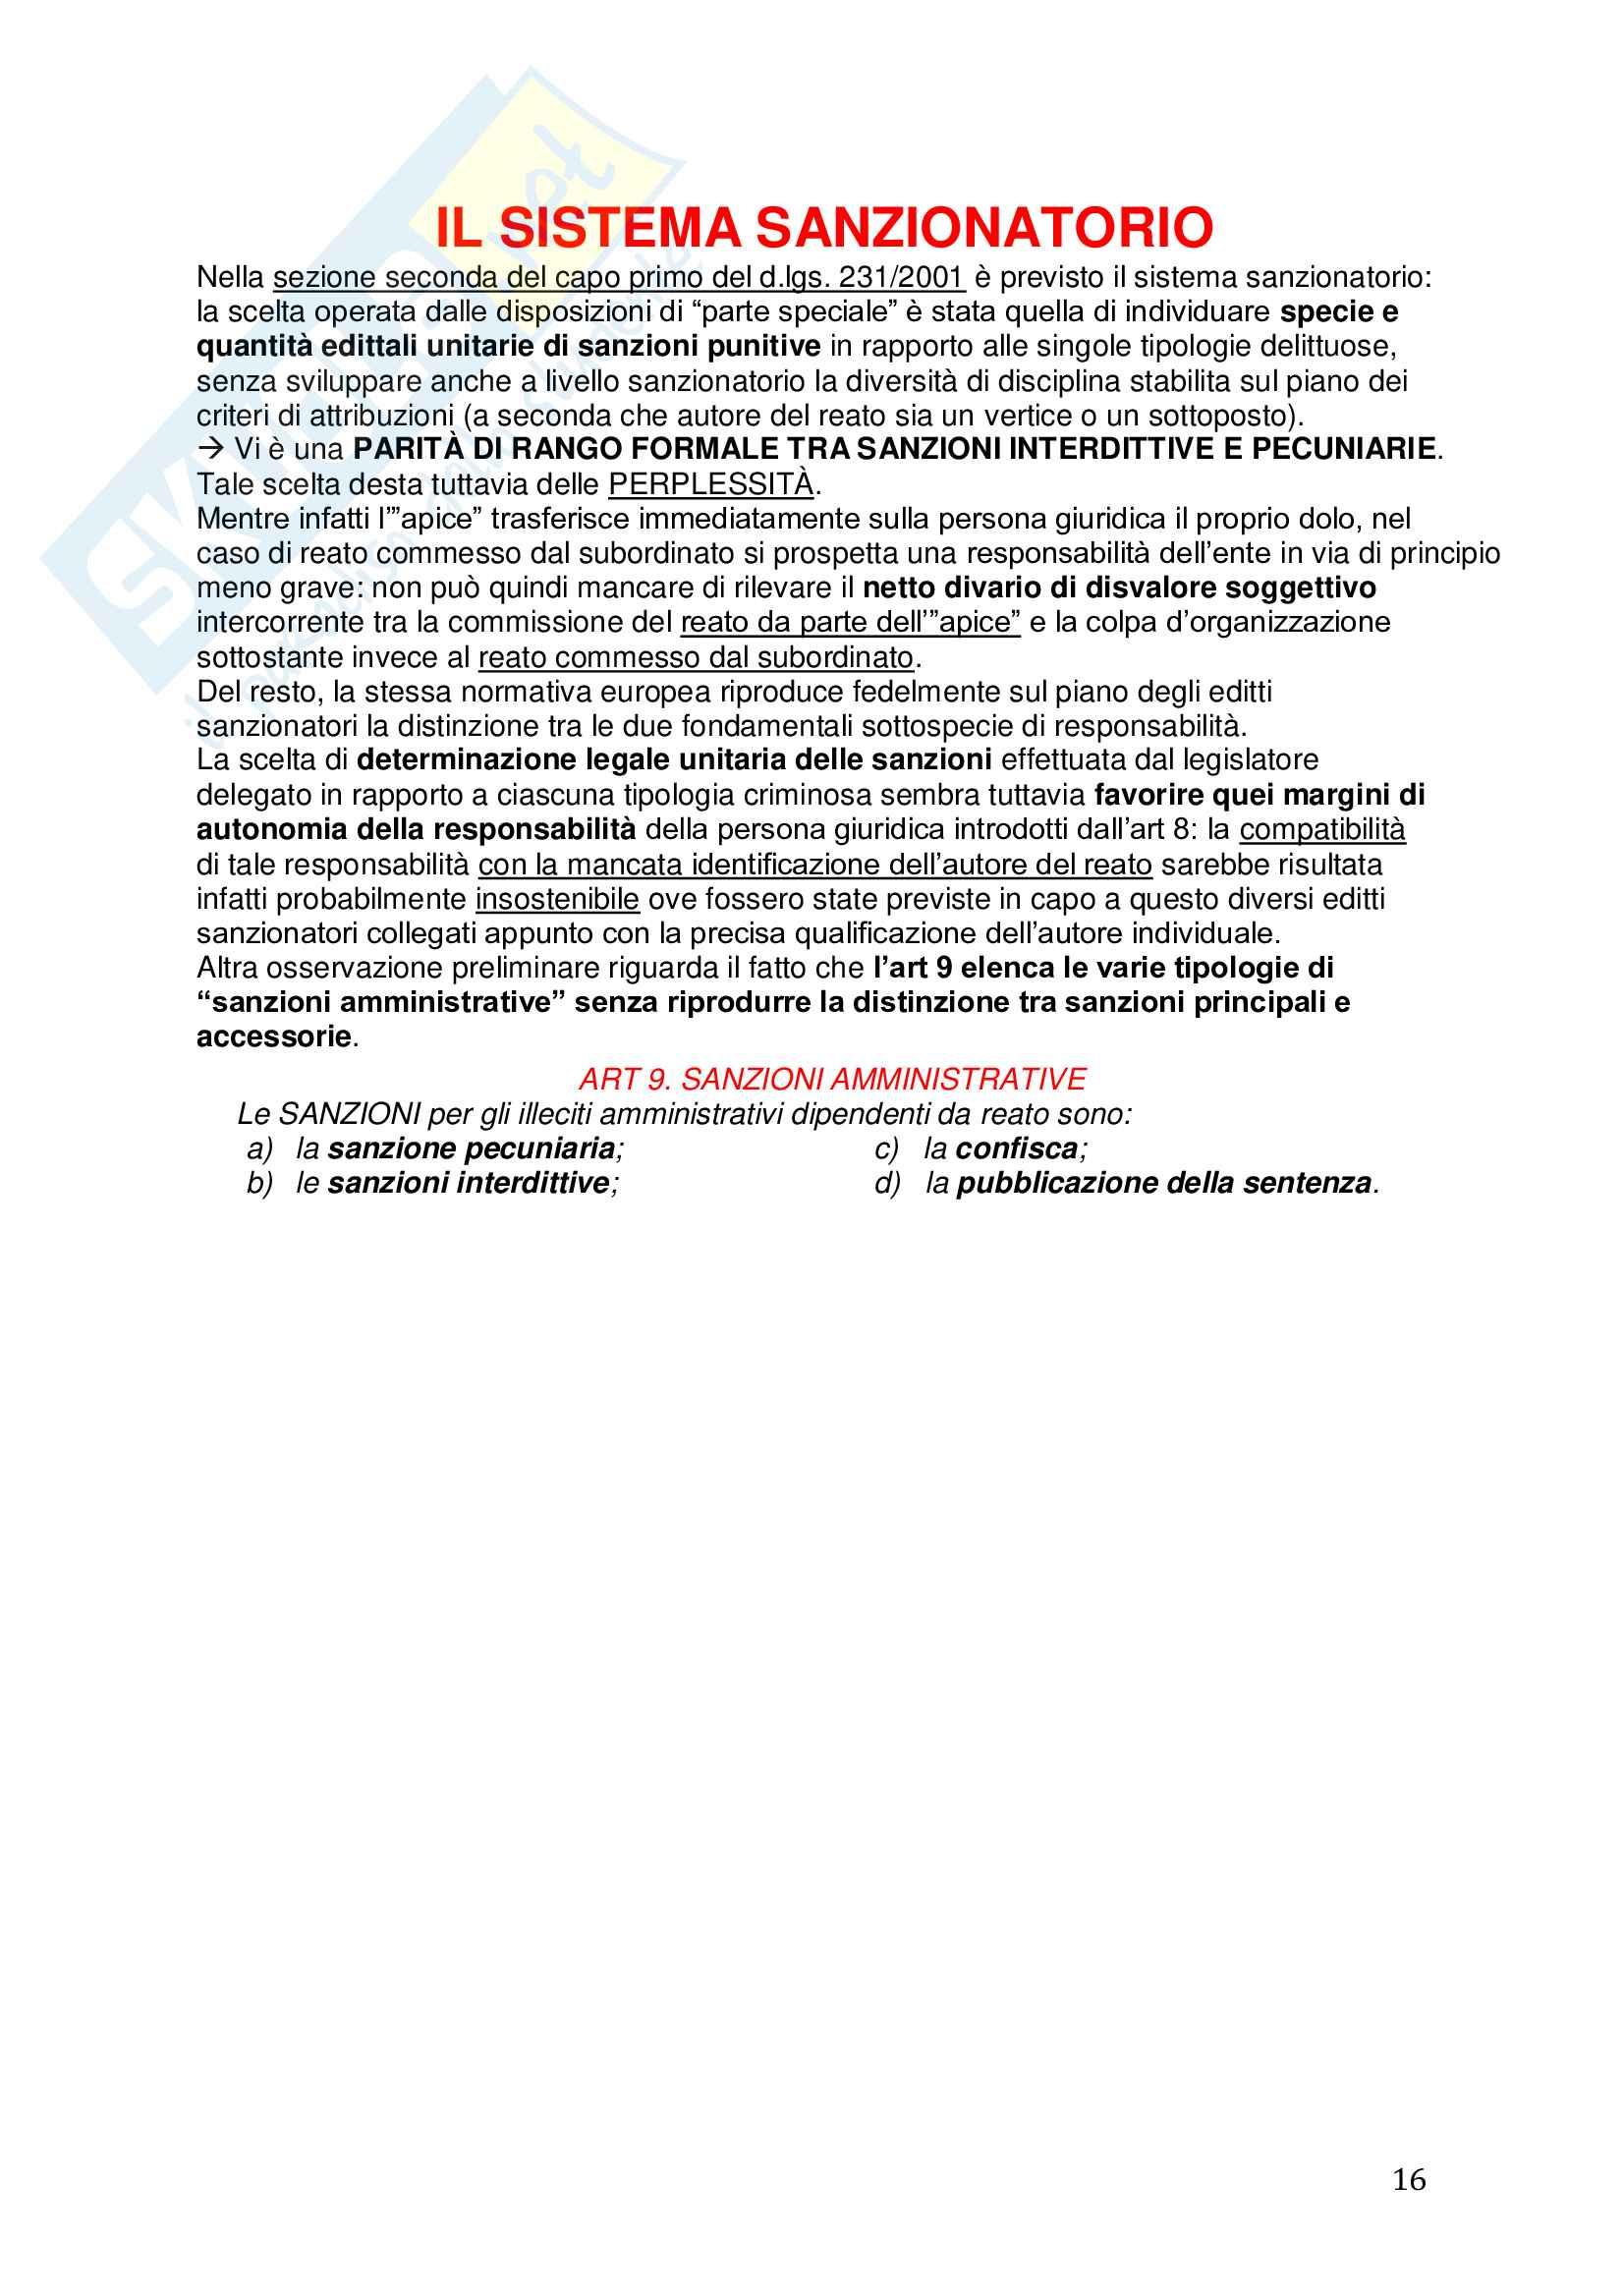 Riassunto esame Diritto, prof. Picotti, libro consigliato La responsabilità penale delle persone giuridiche, De Vero Pag. 16